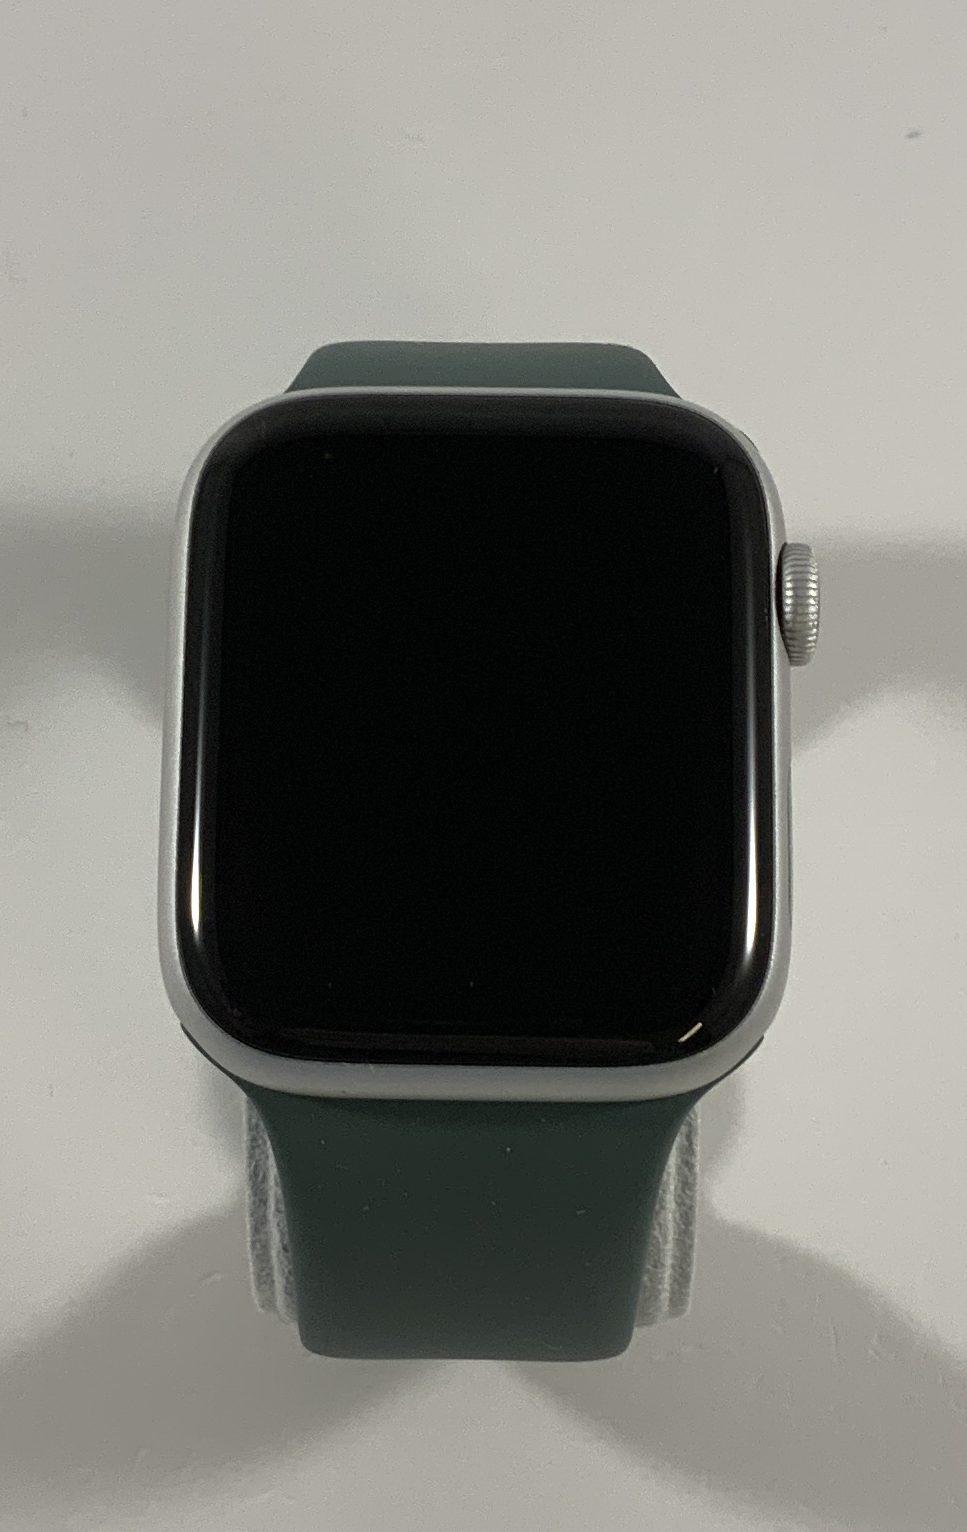 Watch Series 5 Aluminum Cellular (44mm), Silver, bild 1